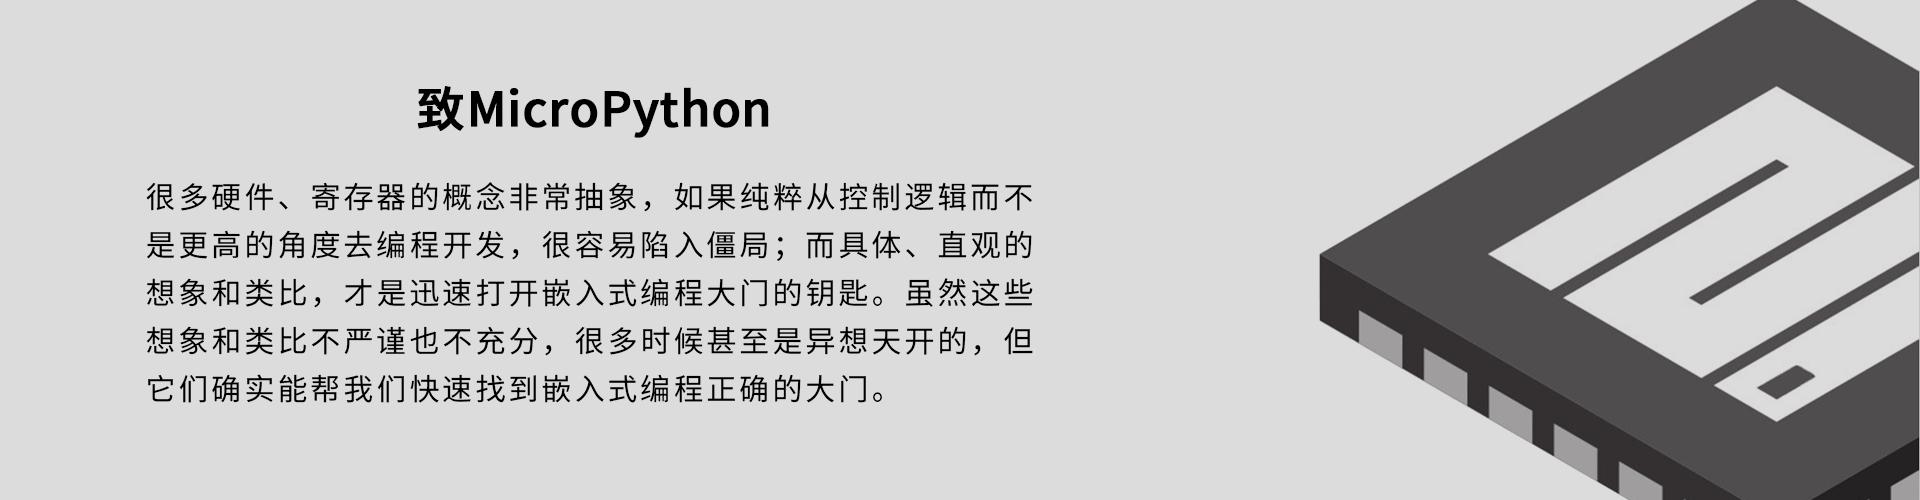 致micropython文案-500